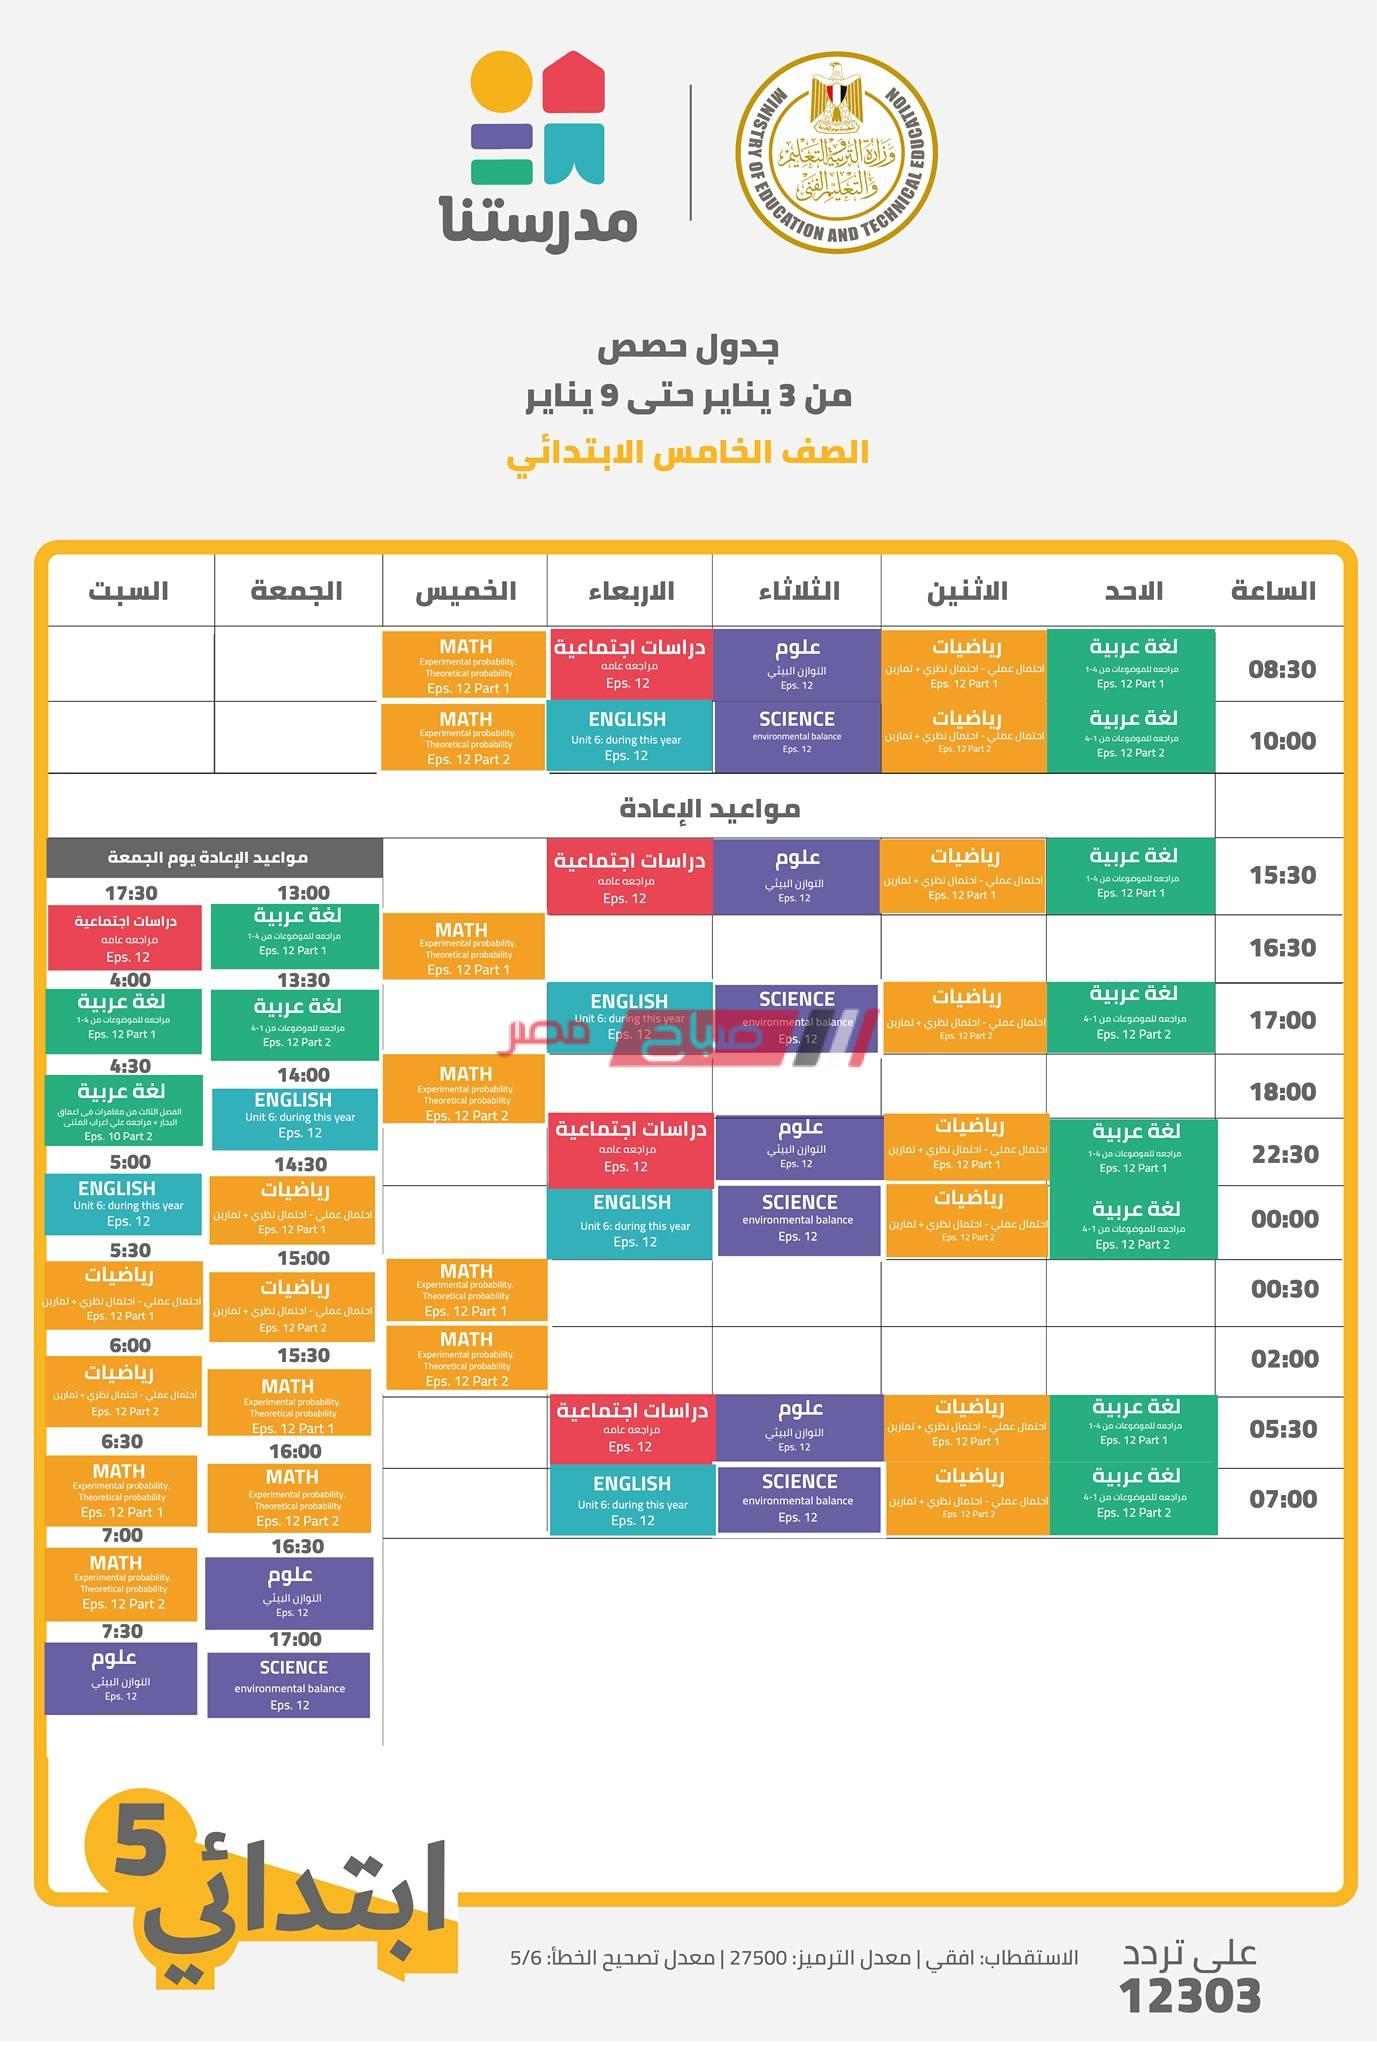 جدول حصص قناة مدرستنا الصف الخامس الابتدائي